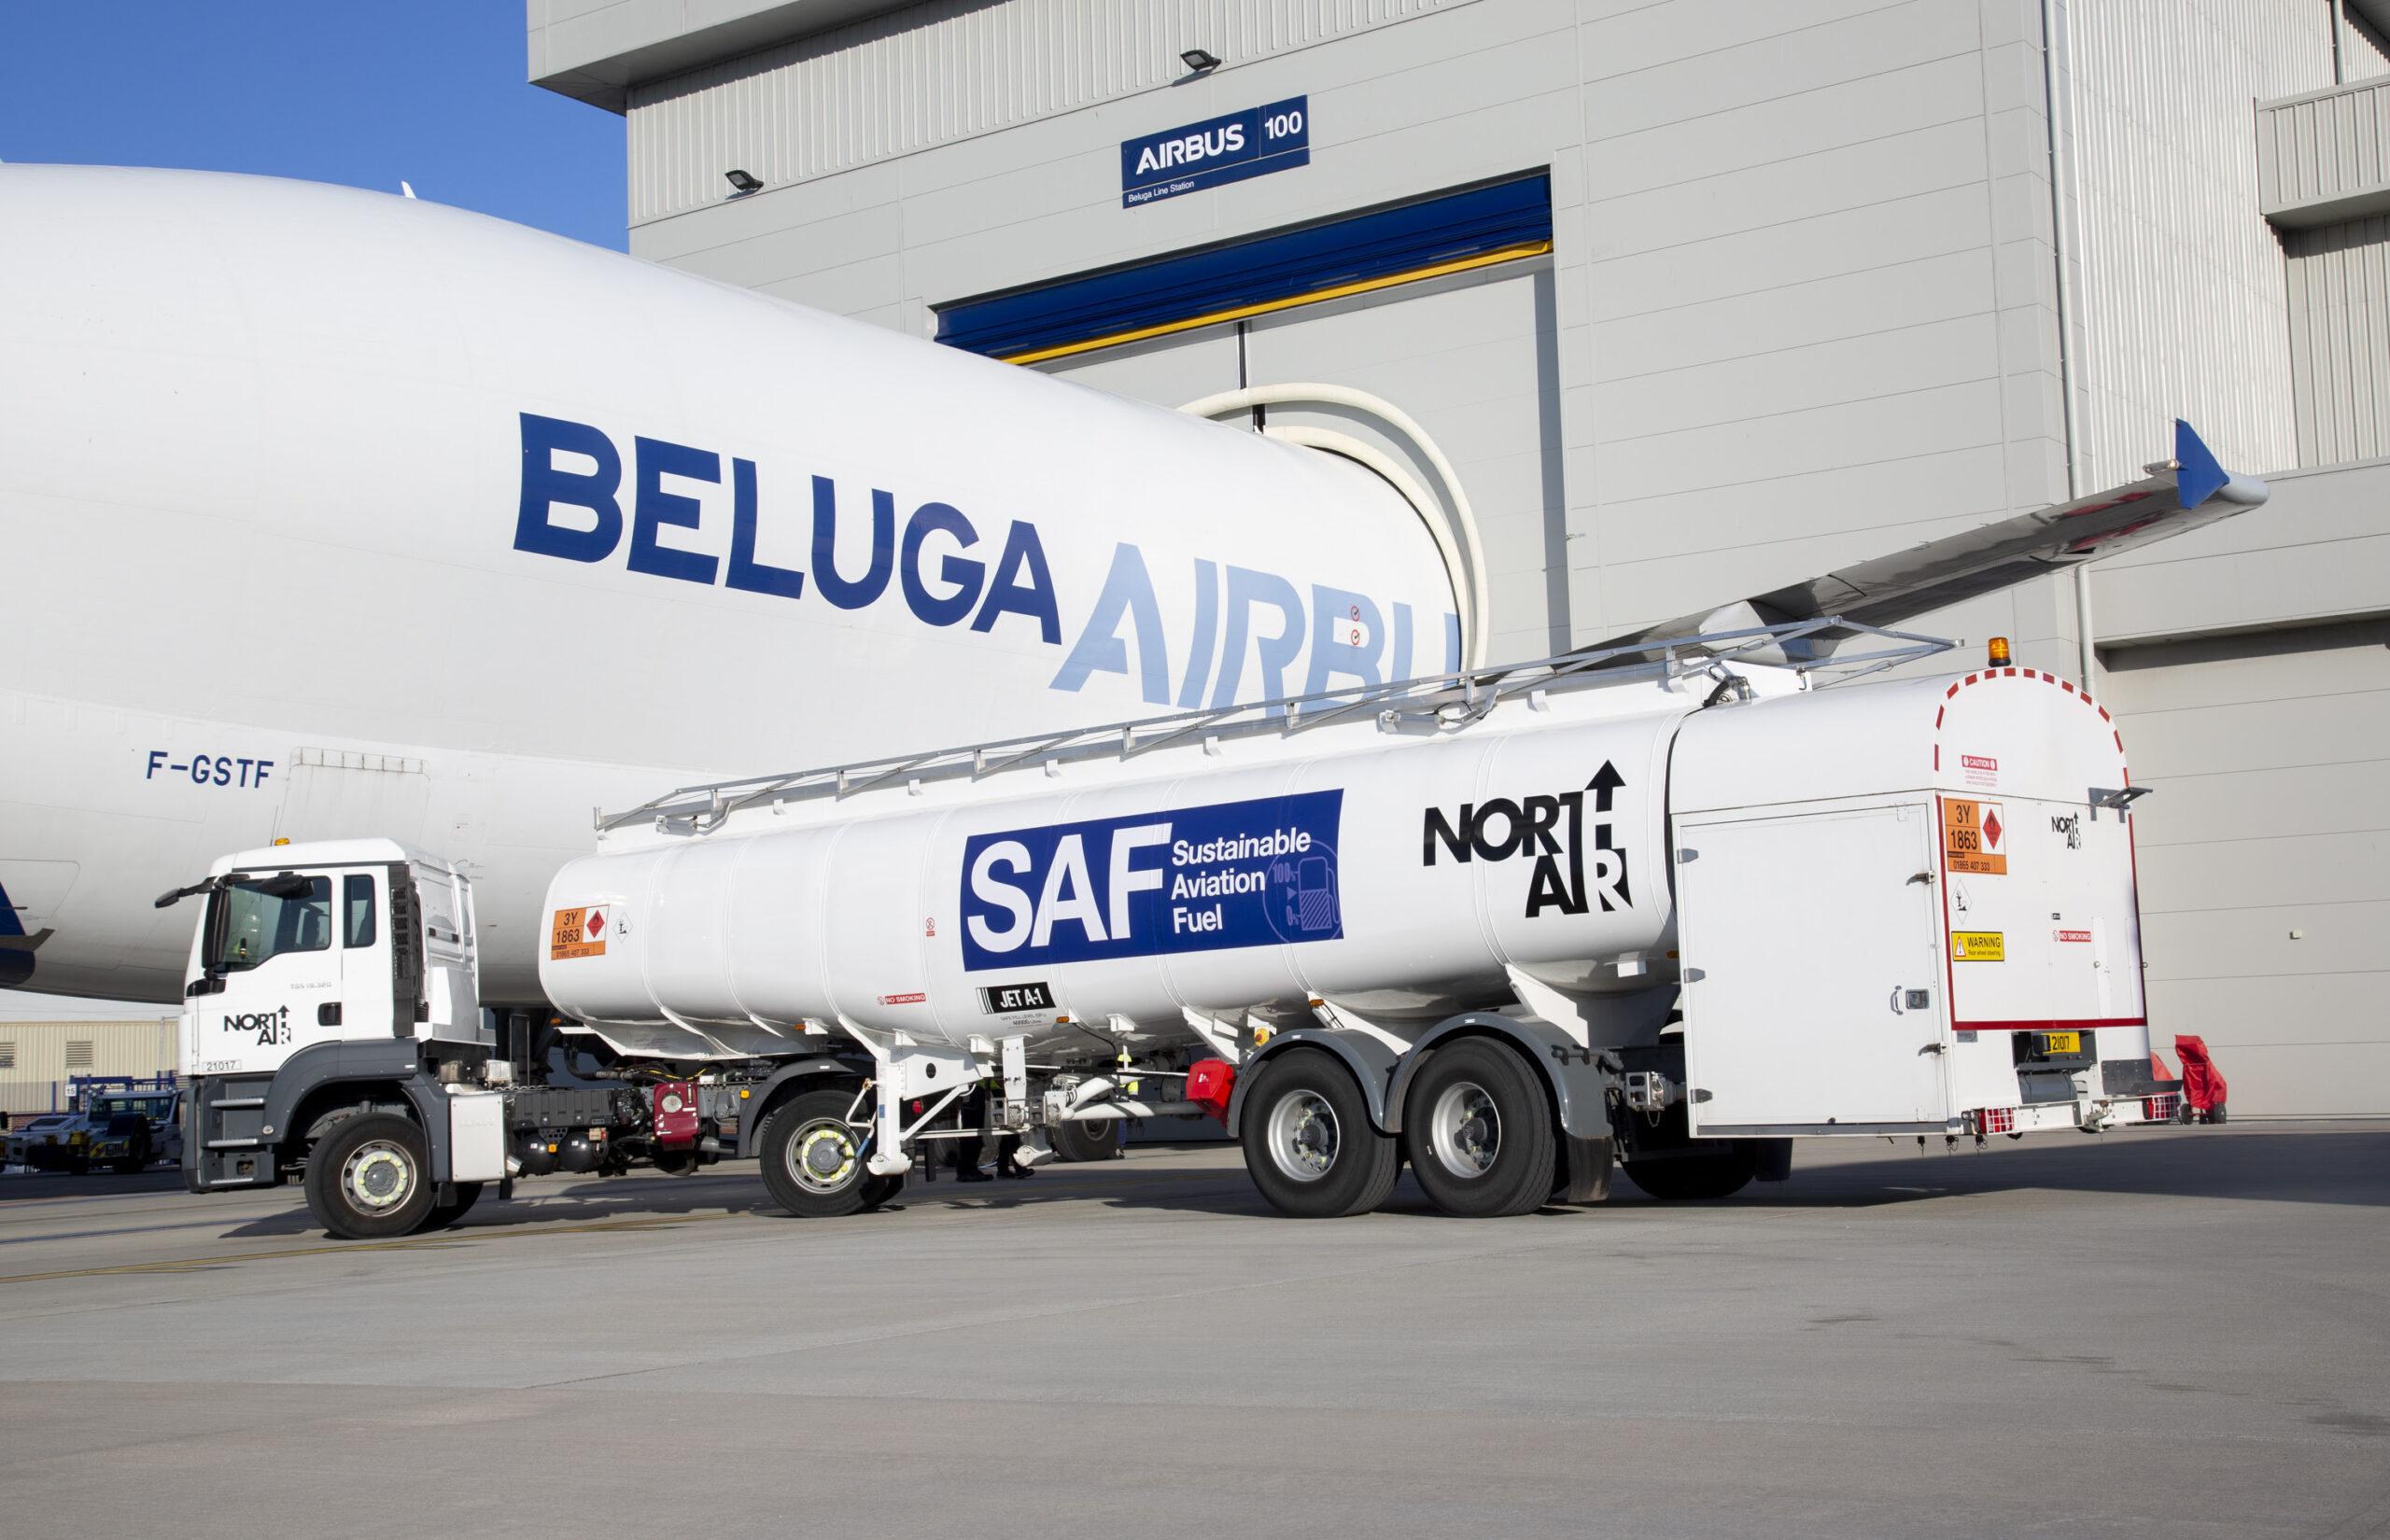 Airbus Beluga SAF 1